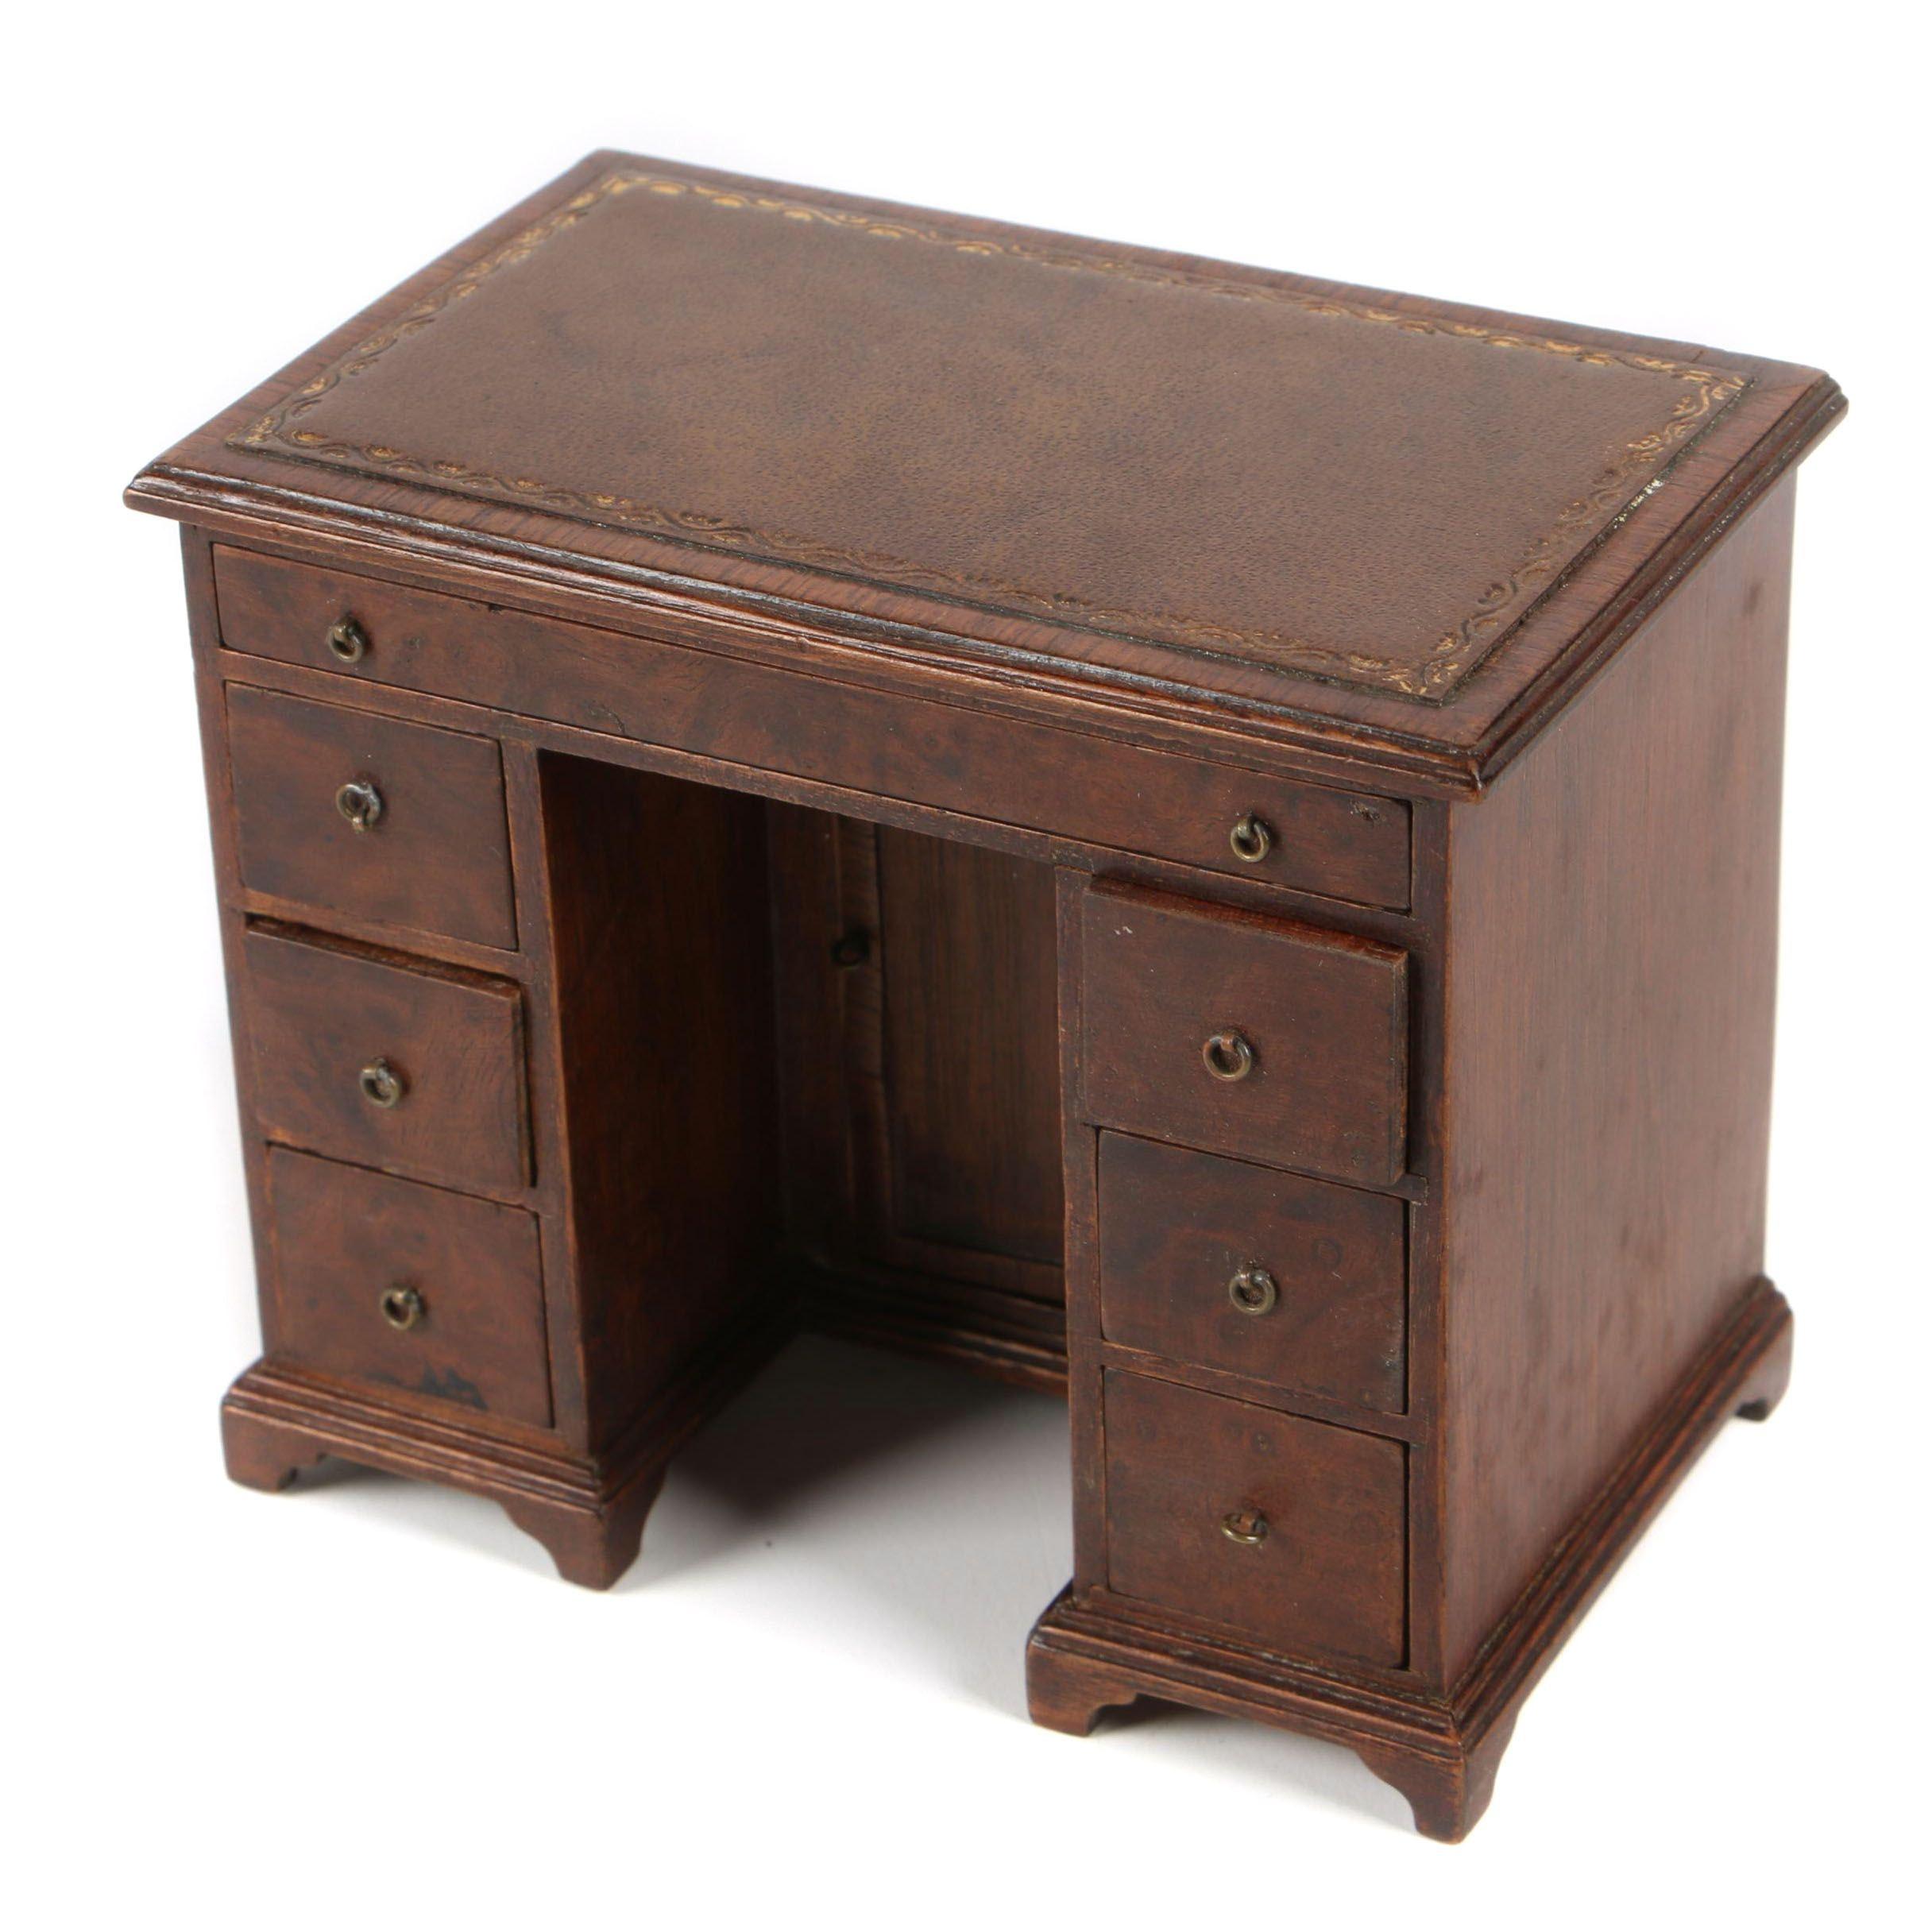 Handmade Miniature George III Style Walnut Leather-Top Kneehole Desk